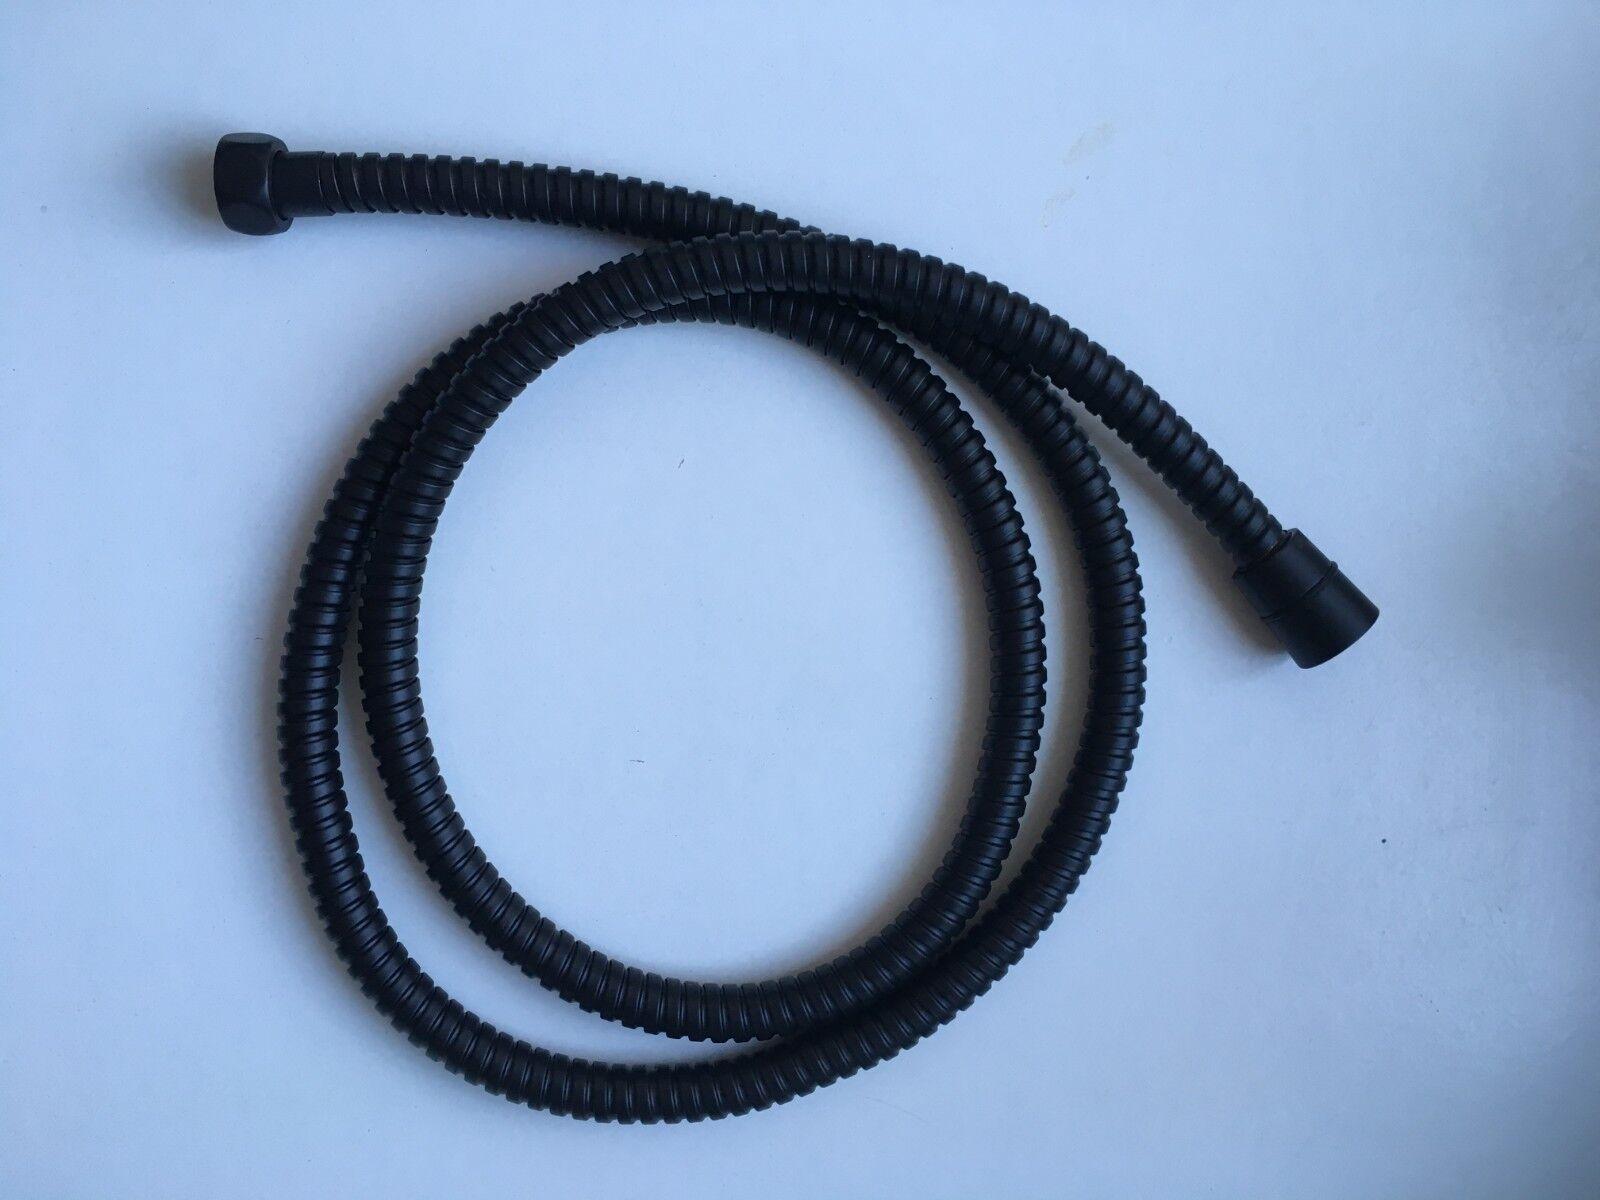 Metall-Brauseschlauch 1 2  x 1 2  - Duschschlauch 150 cm 1,5m  schwarz matt